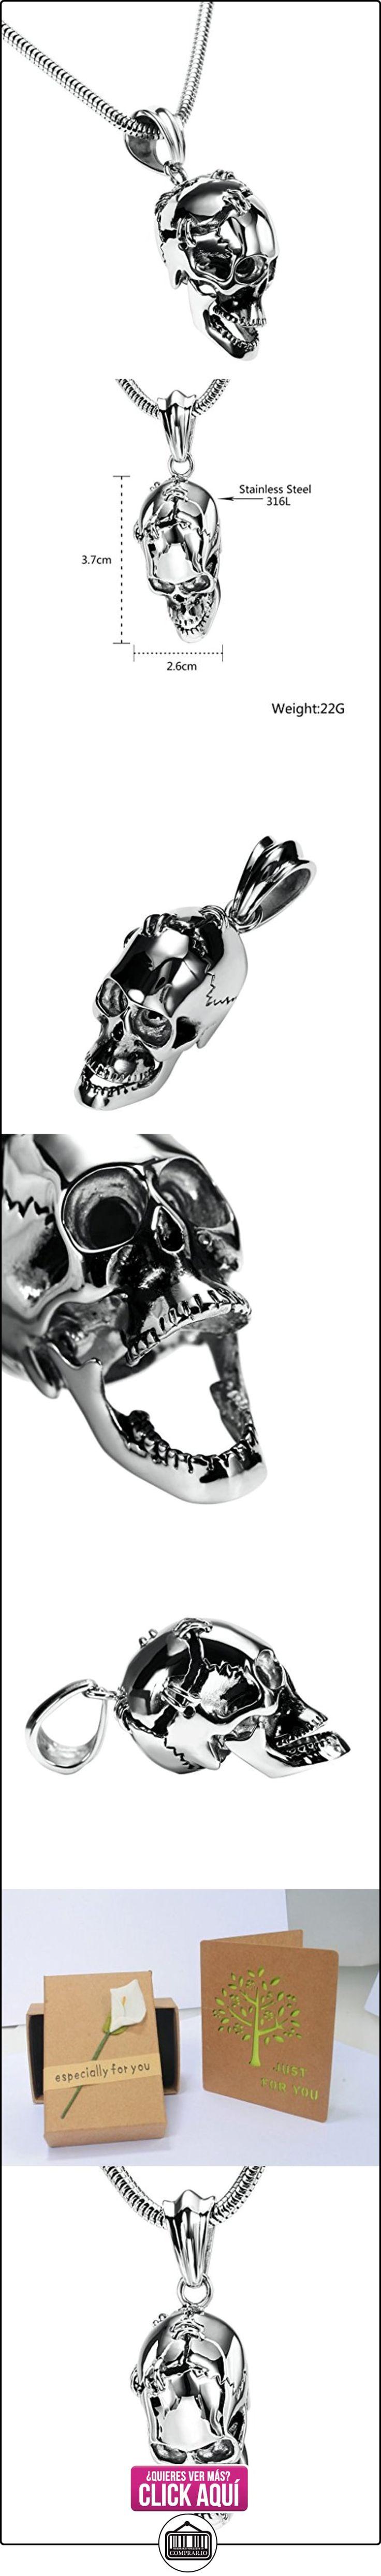 Daesar Joyería Collares de Hombre Acero Inoxidable Gótico Cráneo Calavera Plata Colgantes Vintage 2.6X3.7cm  ✿ Joyas para niños - Regalos ✿ ▬► Ver oferta: https://comprar.io/goto/B01N53GA4D